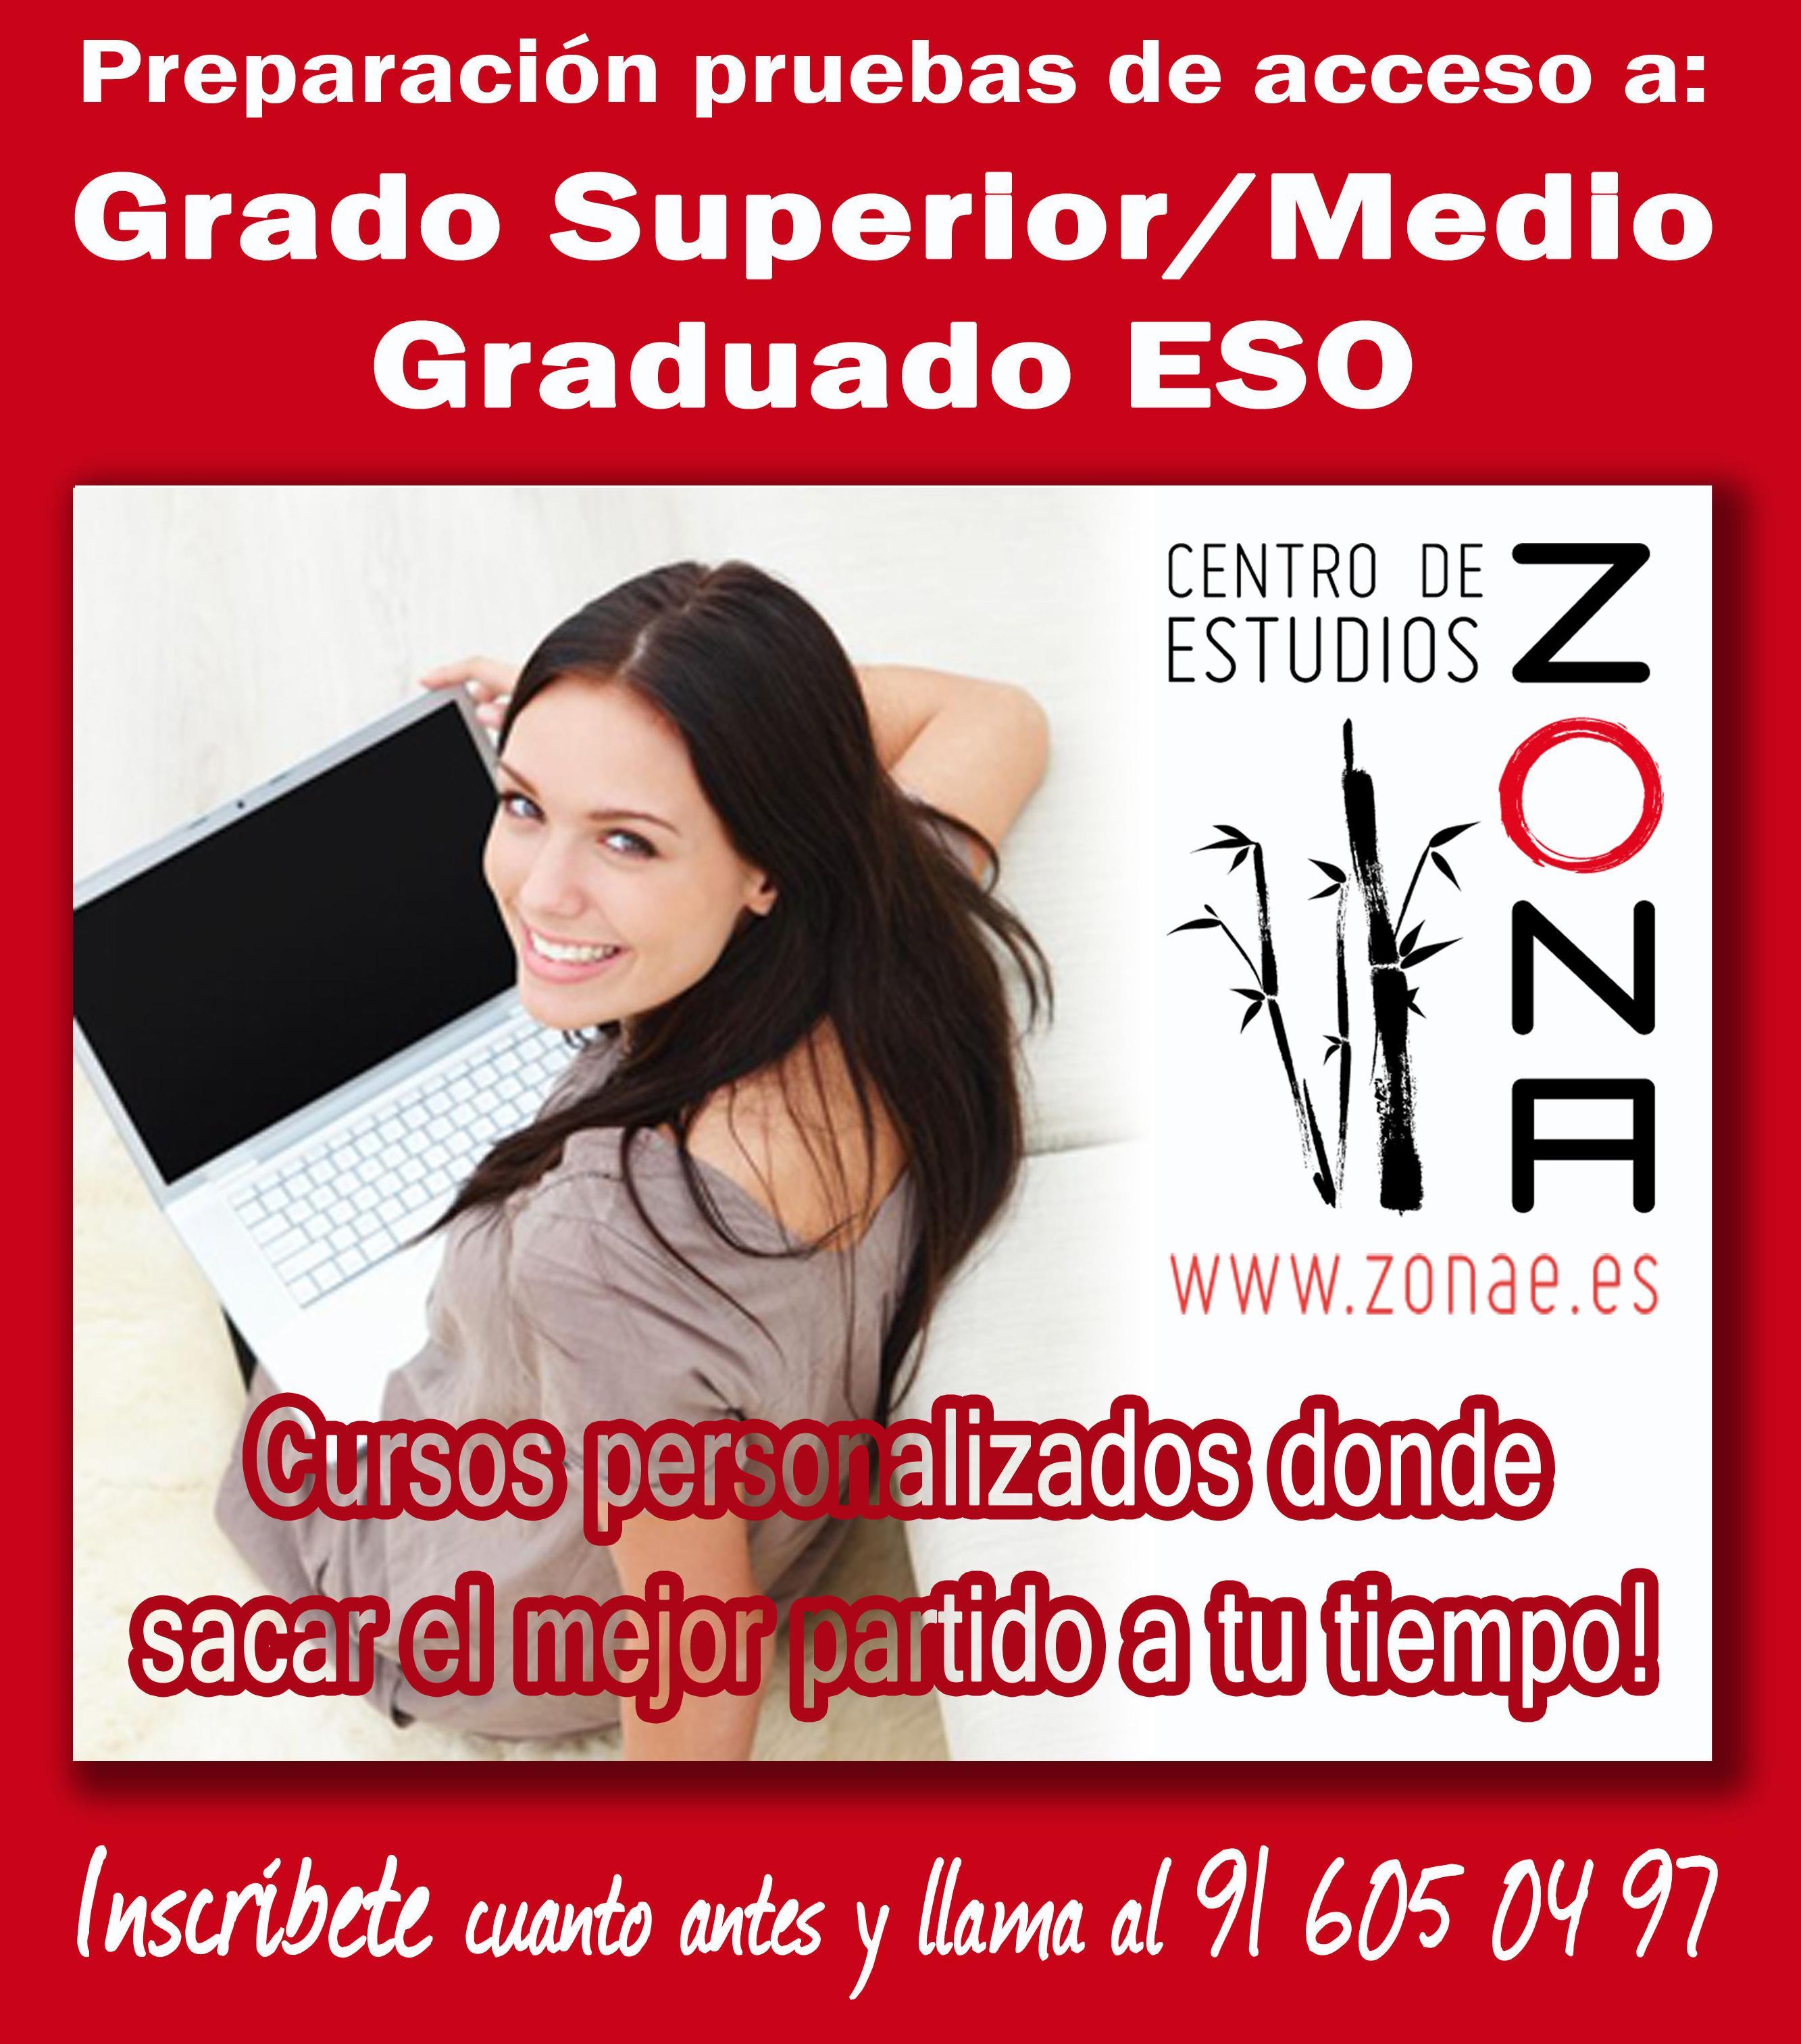 Cursos preparación pruebas libres de Grado Superior/Medio, ESO, etc...: Cursos de Centro de estudios Zona